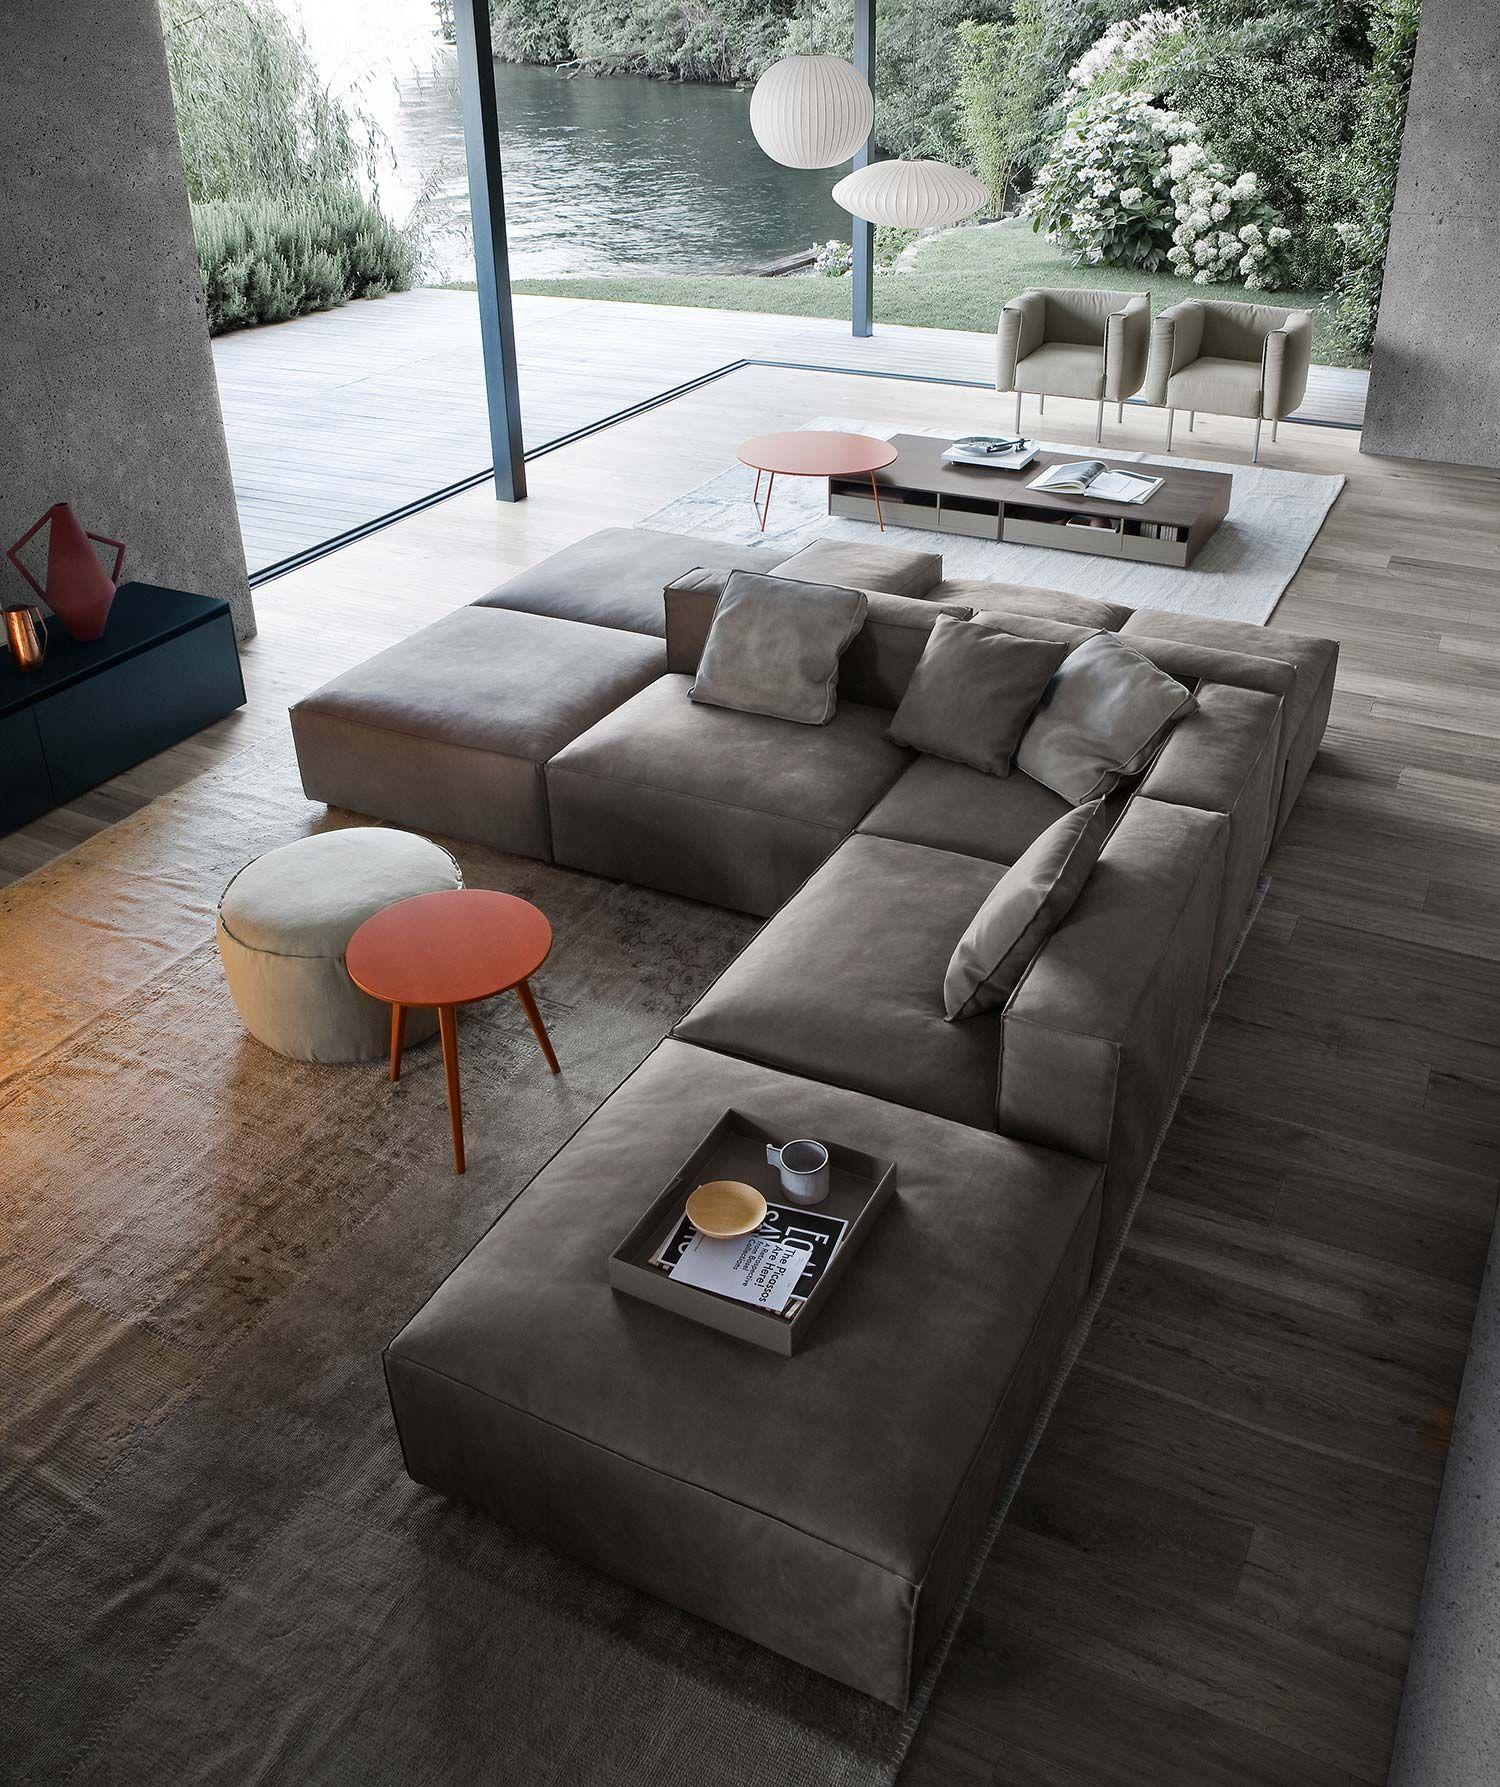 sofas richtig im wohnzimmer platzieren sofa wohnzimmer. Black Bedroom Furniture Sets. Home Design Ideas